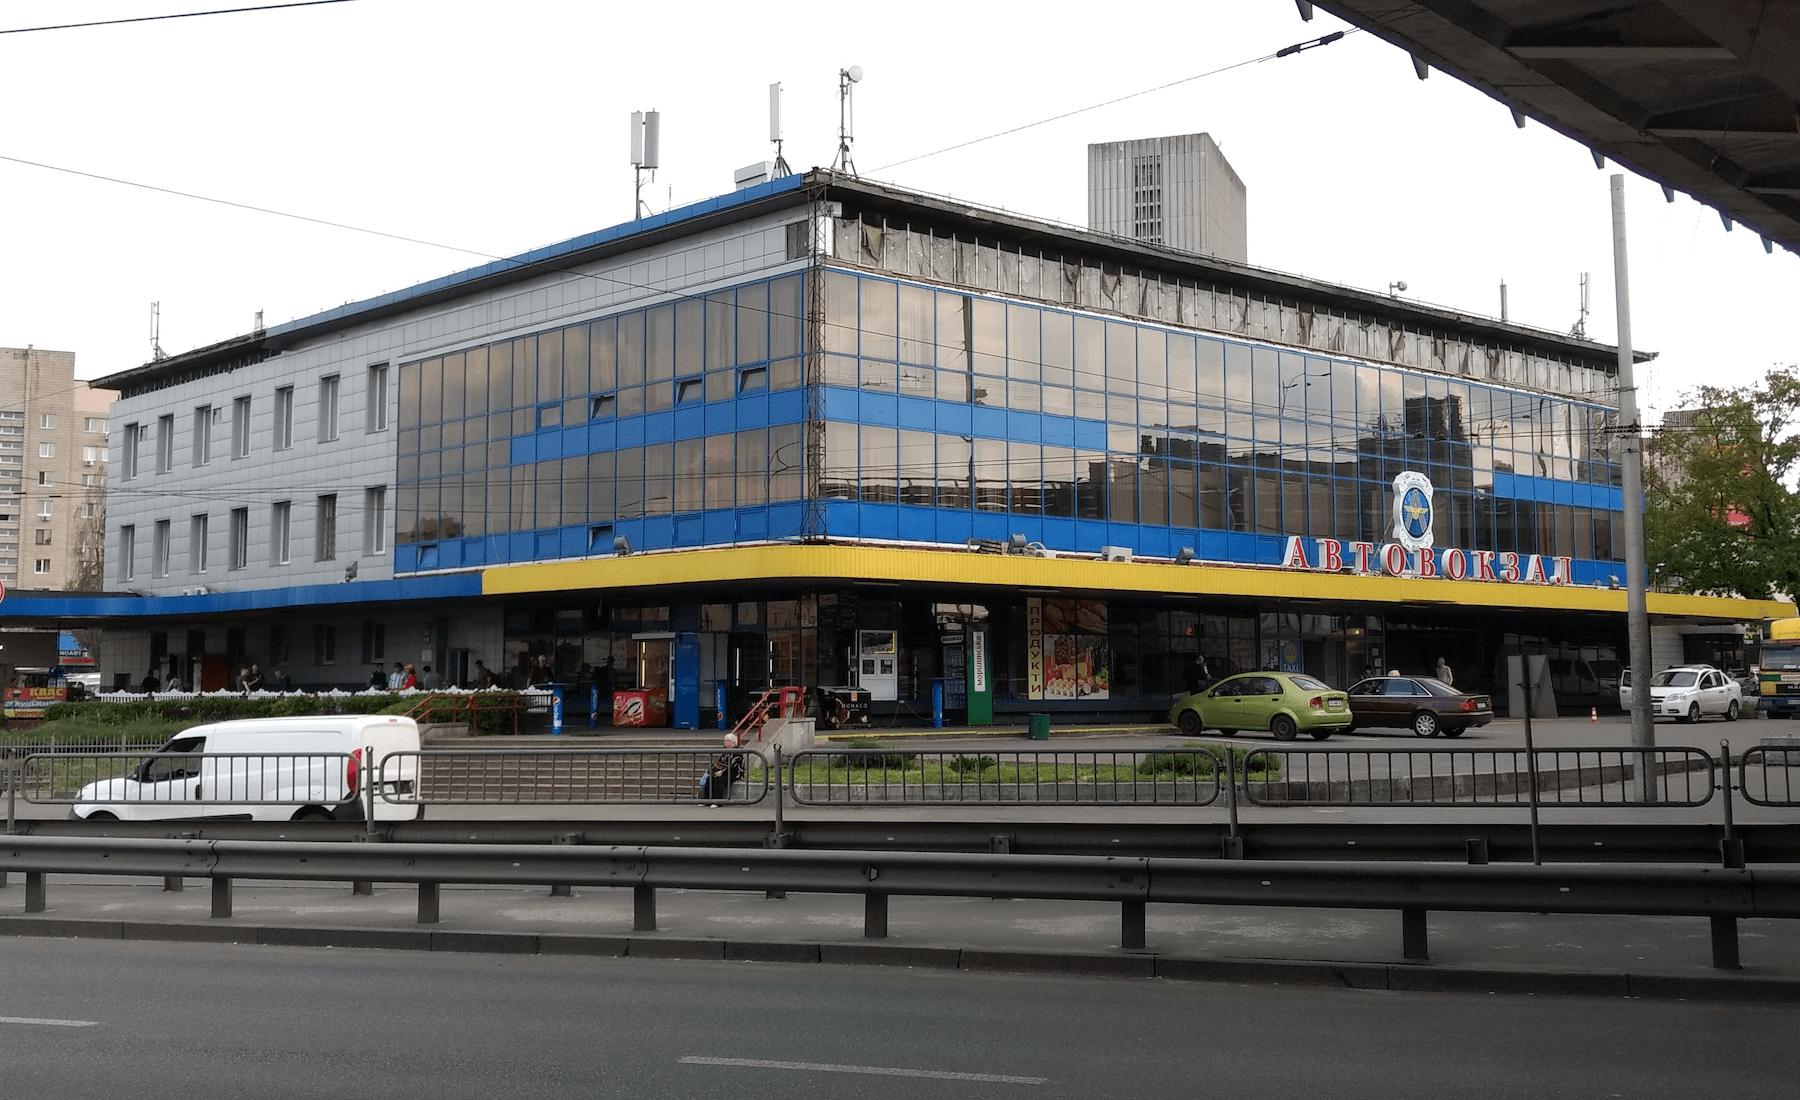 Стало відомо, як буде виглядати Центральний автовокзал Києва після модернізації